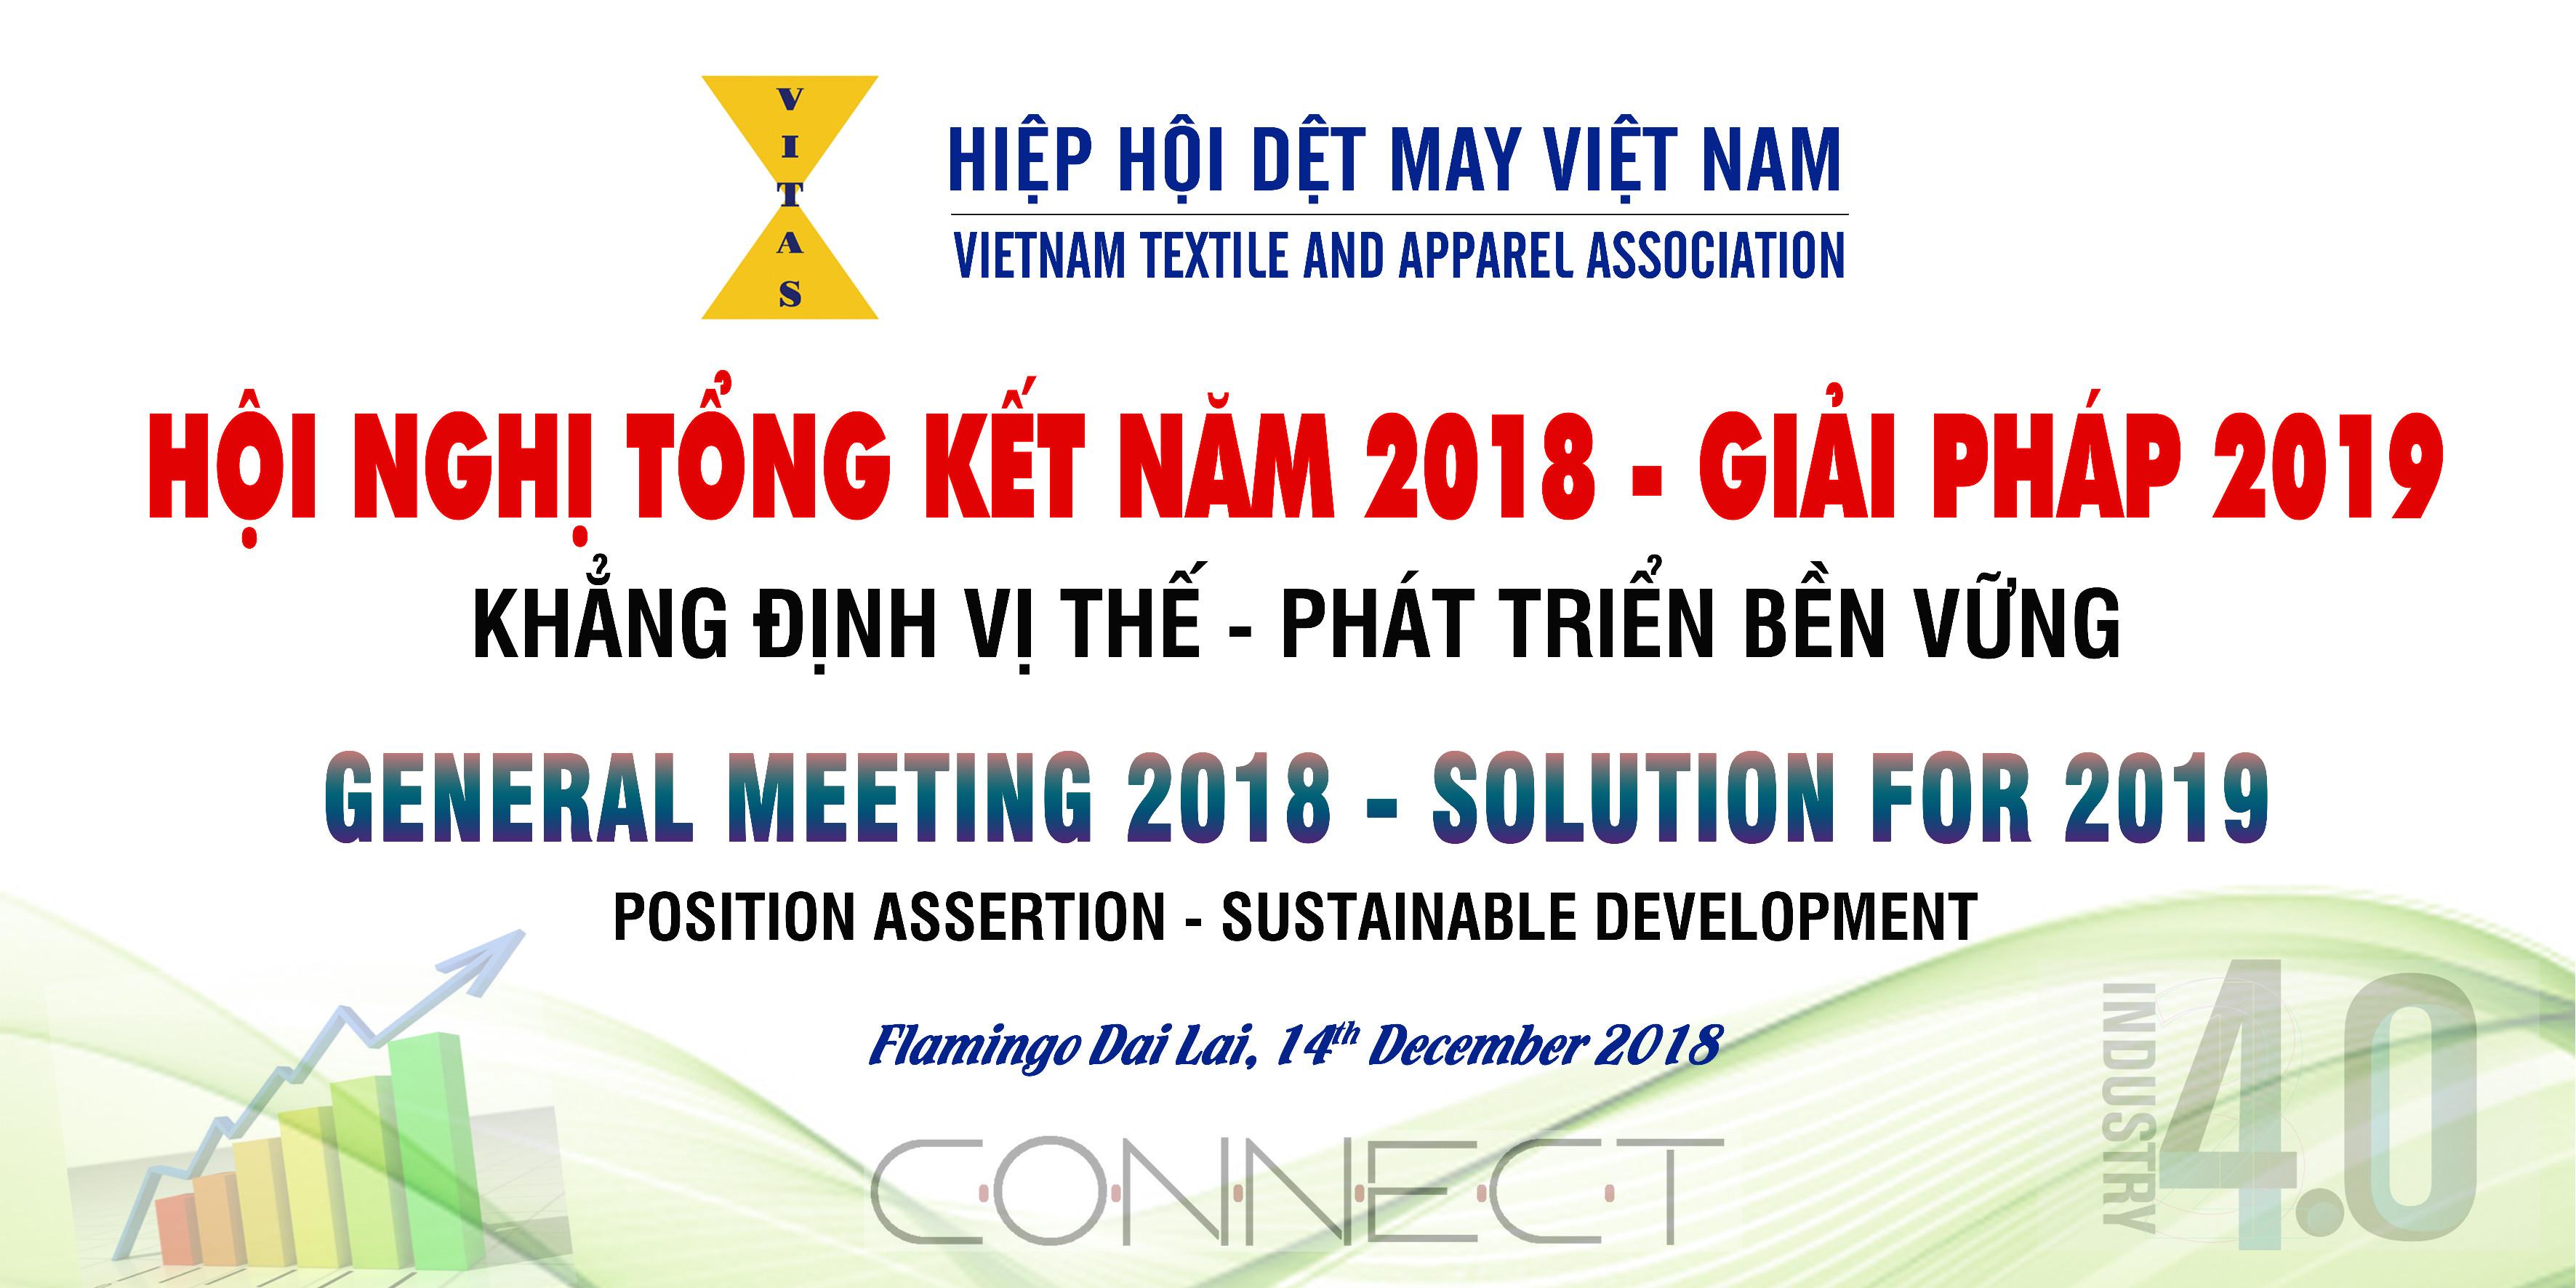 Hội nghị tổng kết VITAS 2018